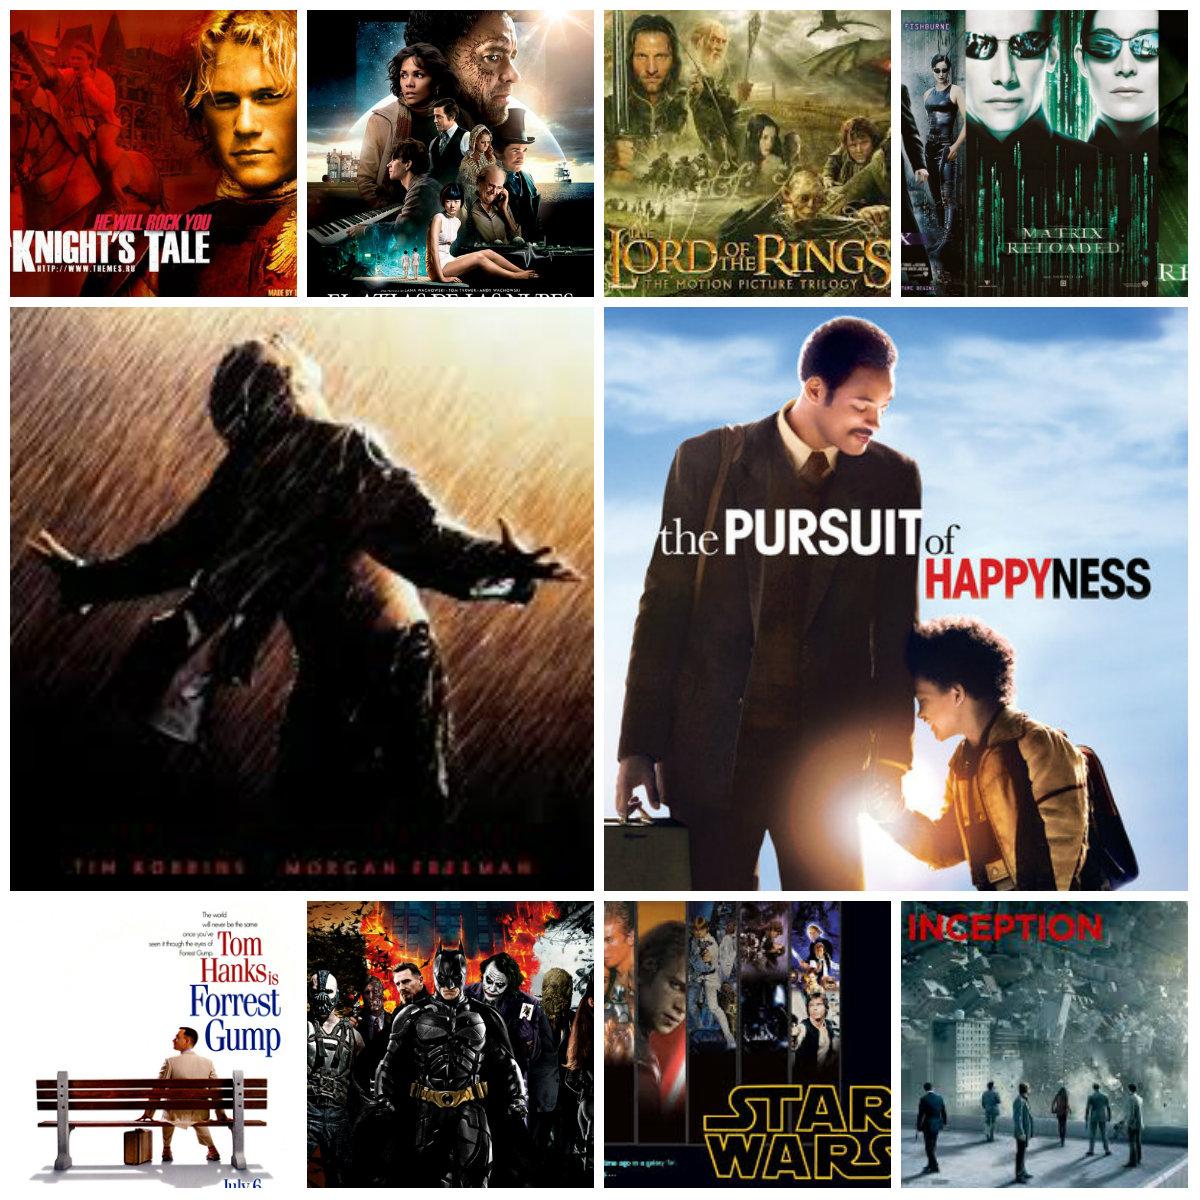 Portada Blog de Cine